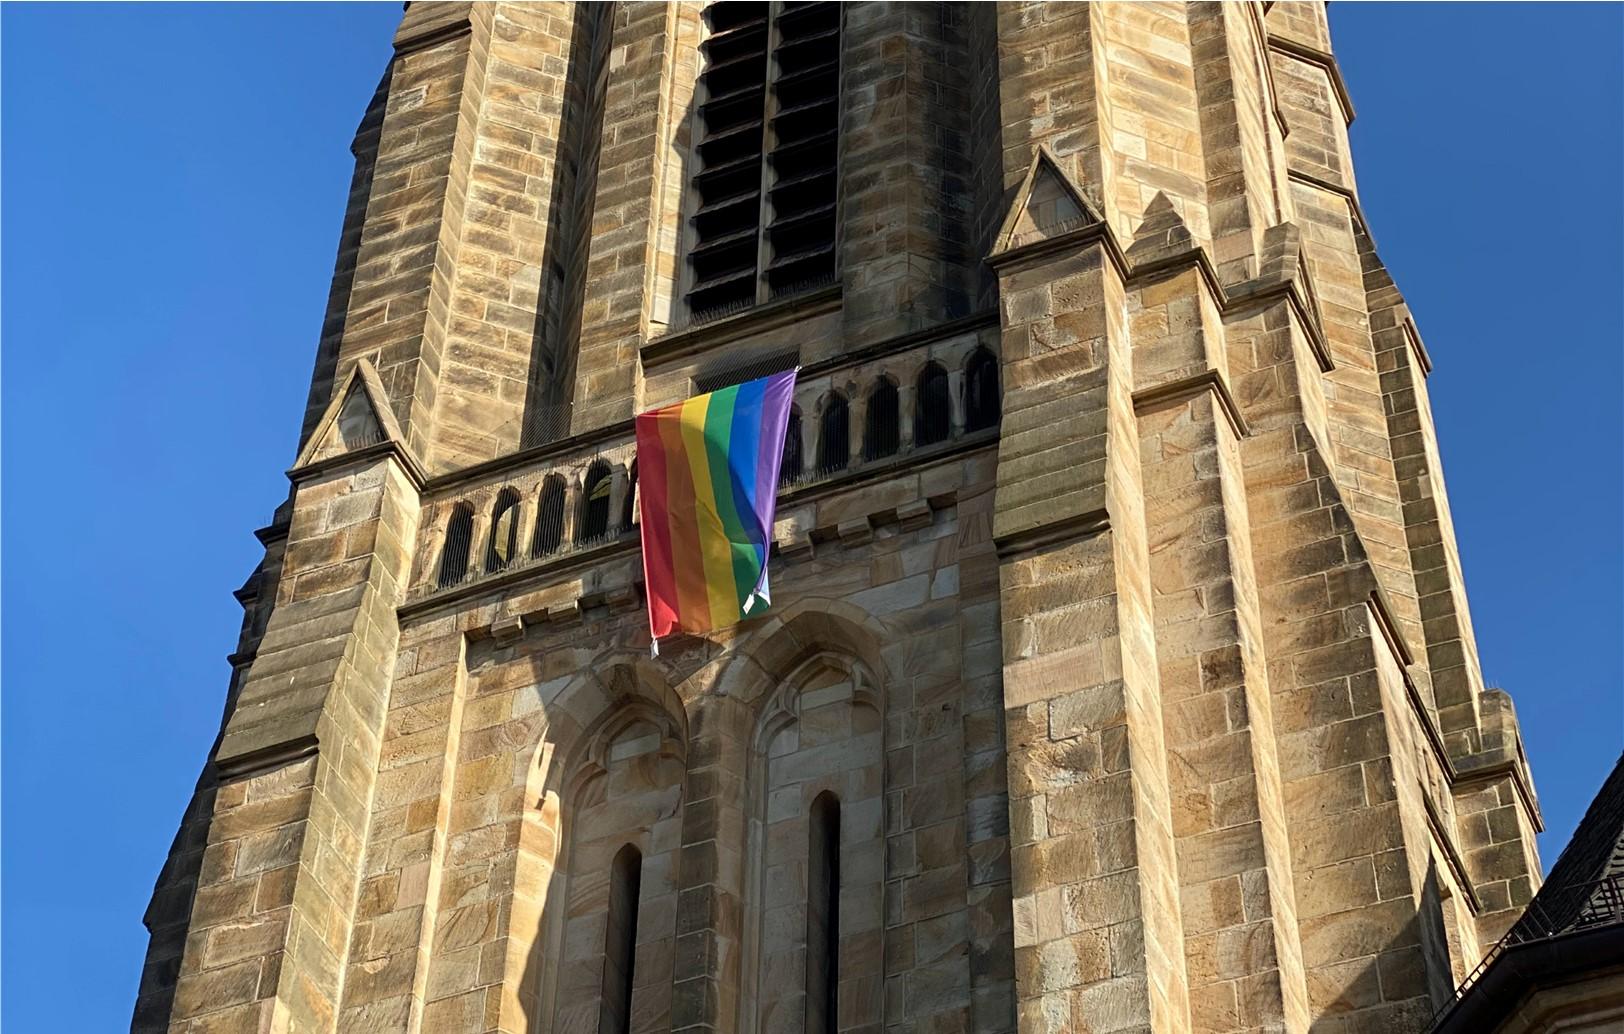 Erklärung zur Segnung von gleichgeschlechtlichen Paaren